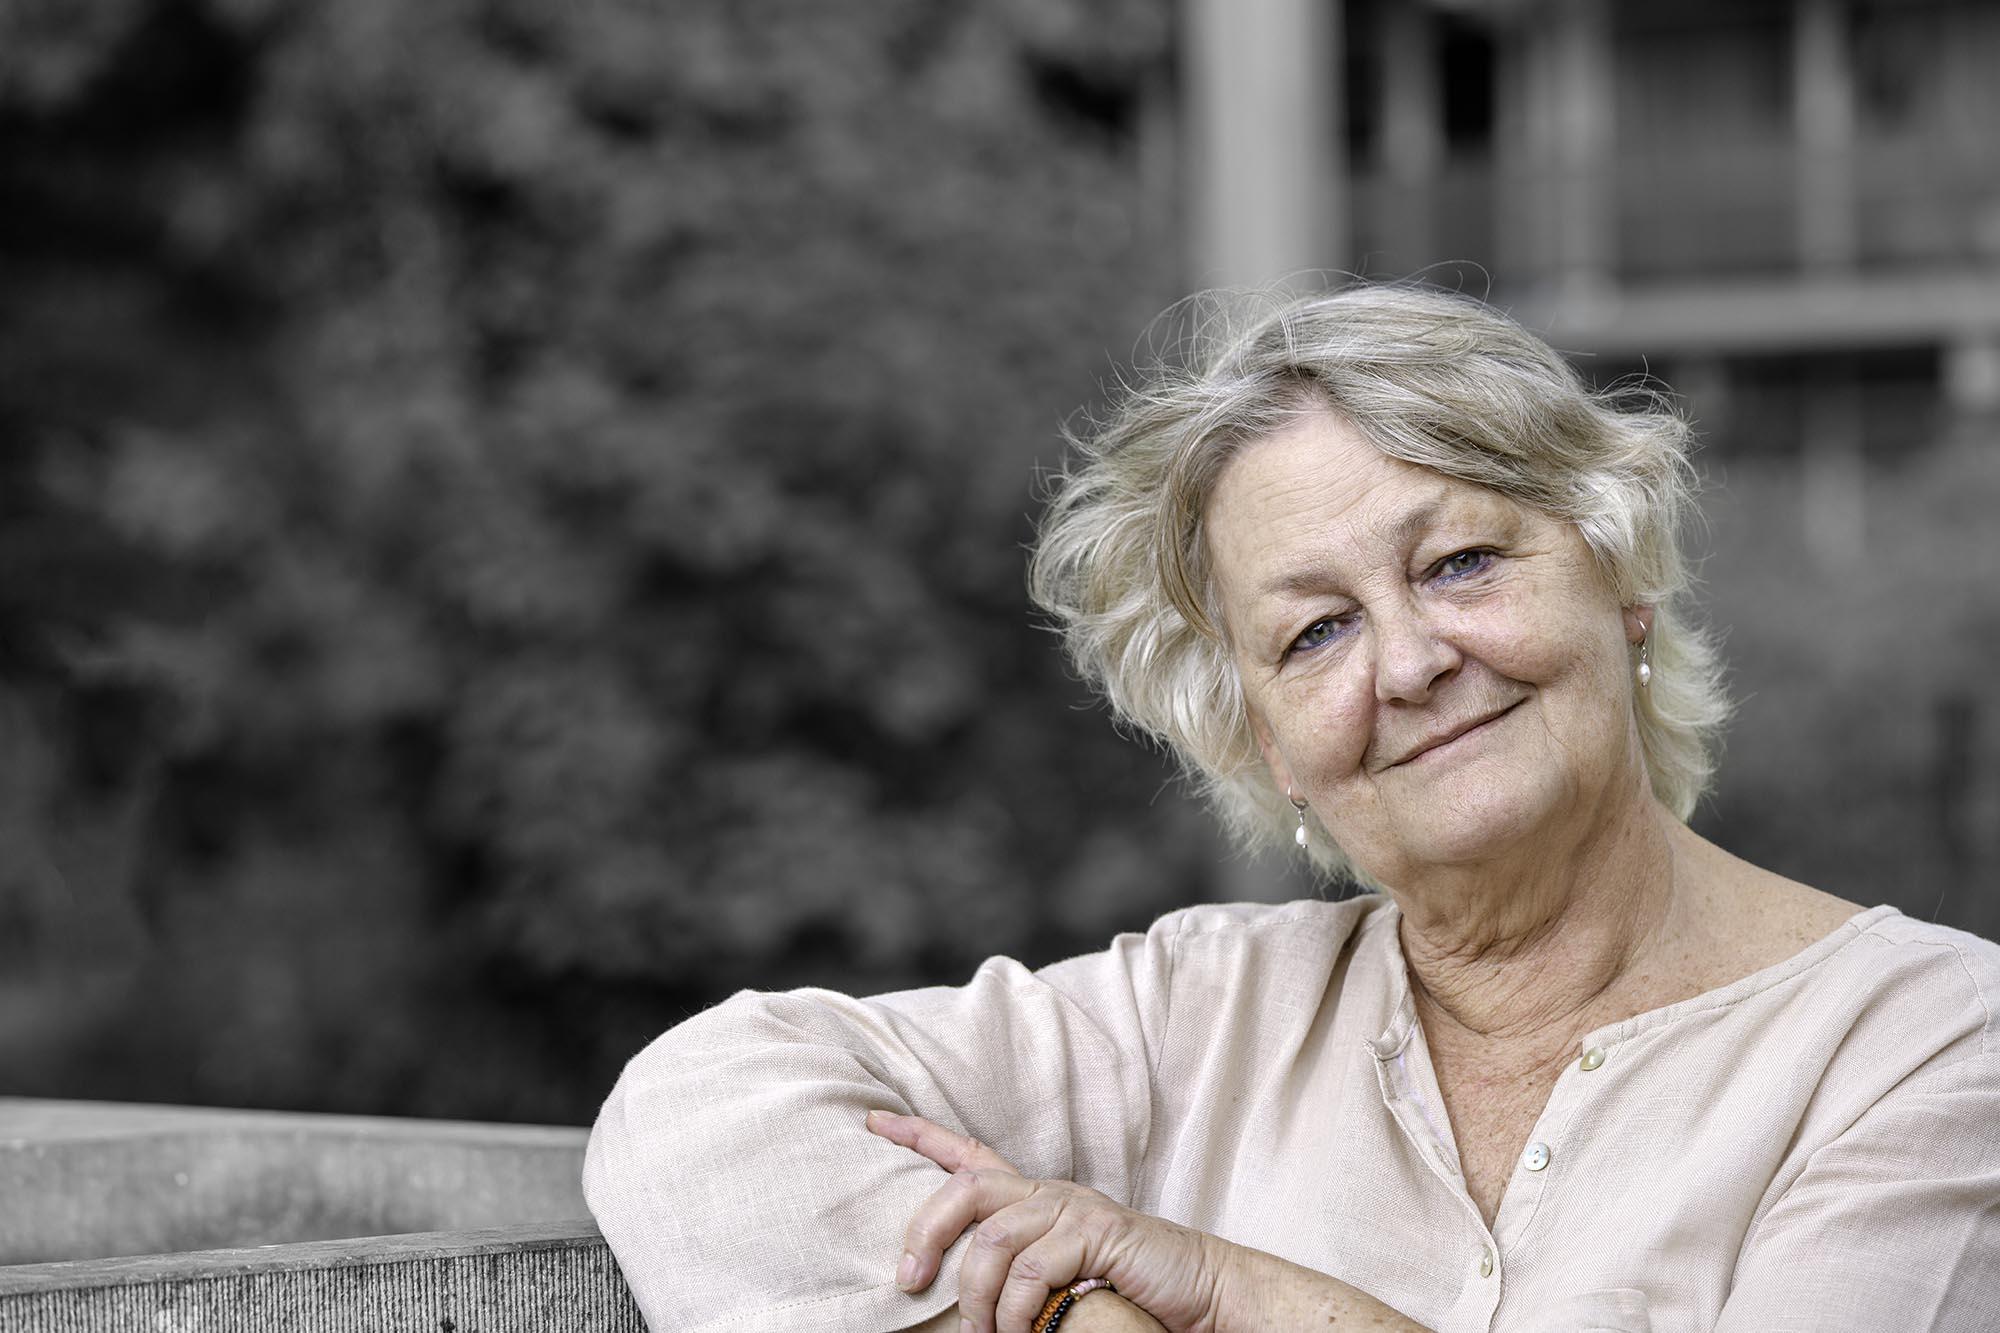 Marjan Bakker-Kooij (Roots)